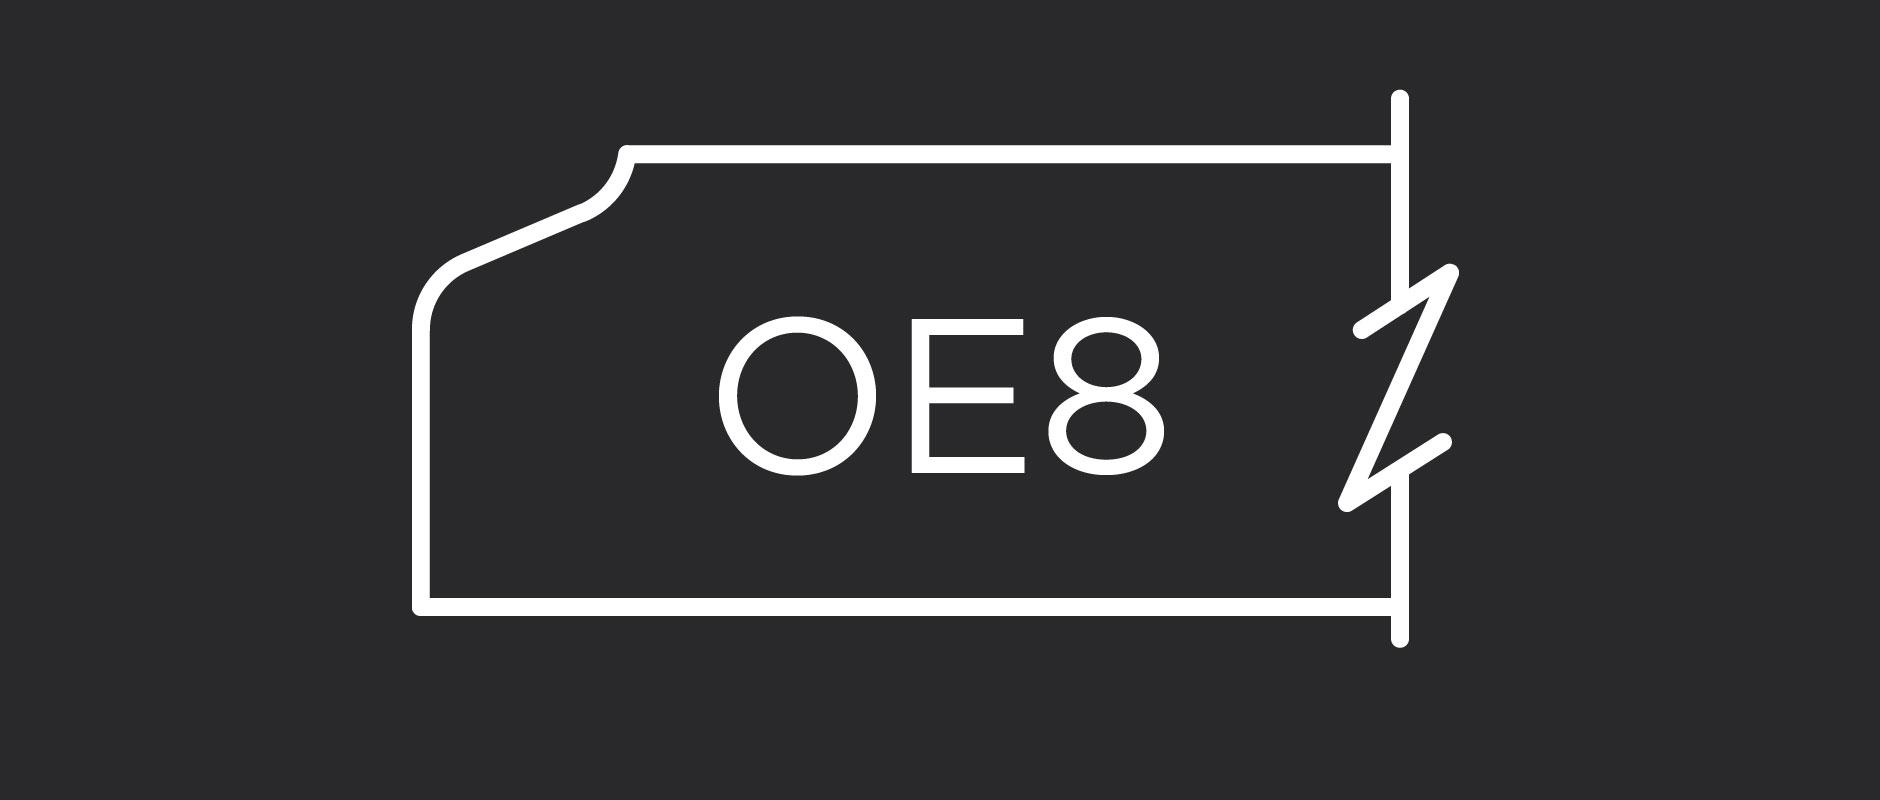 OE8 outside edge profile